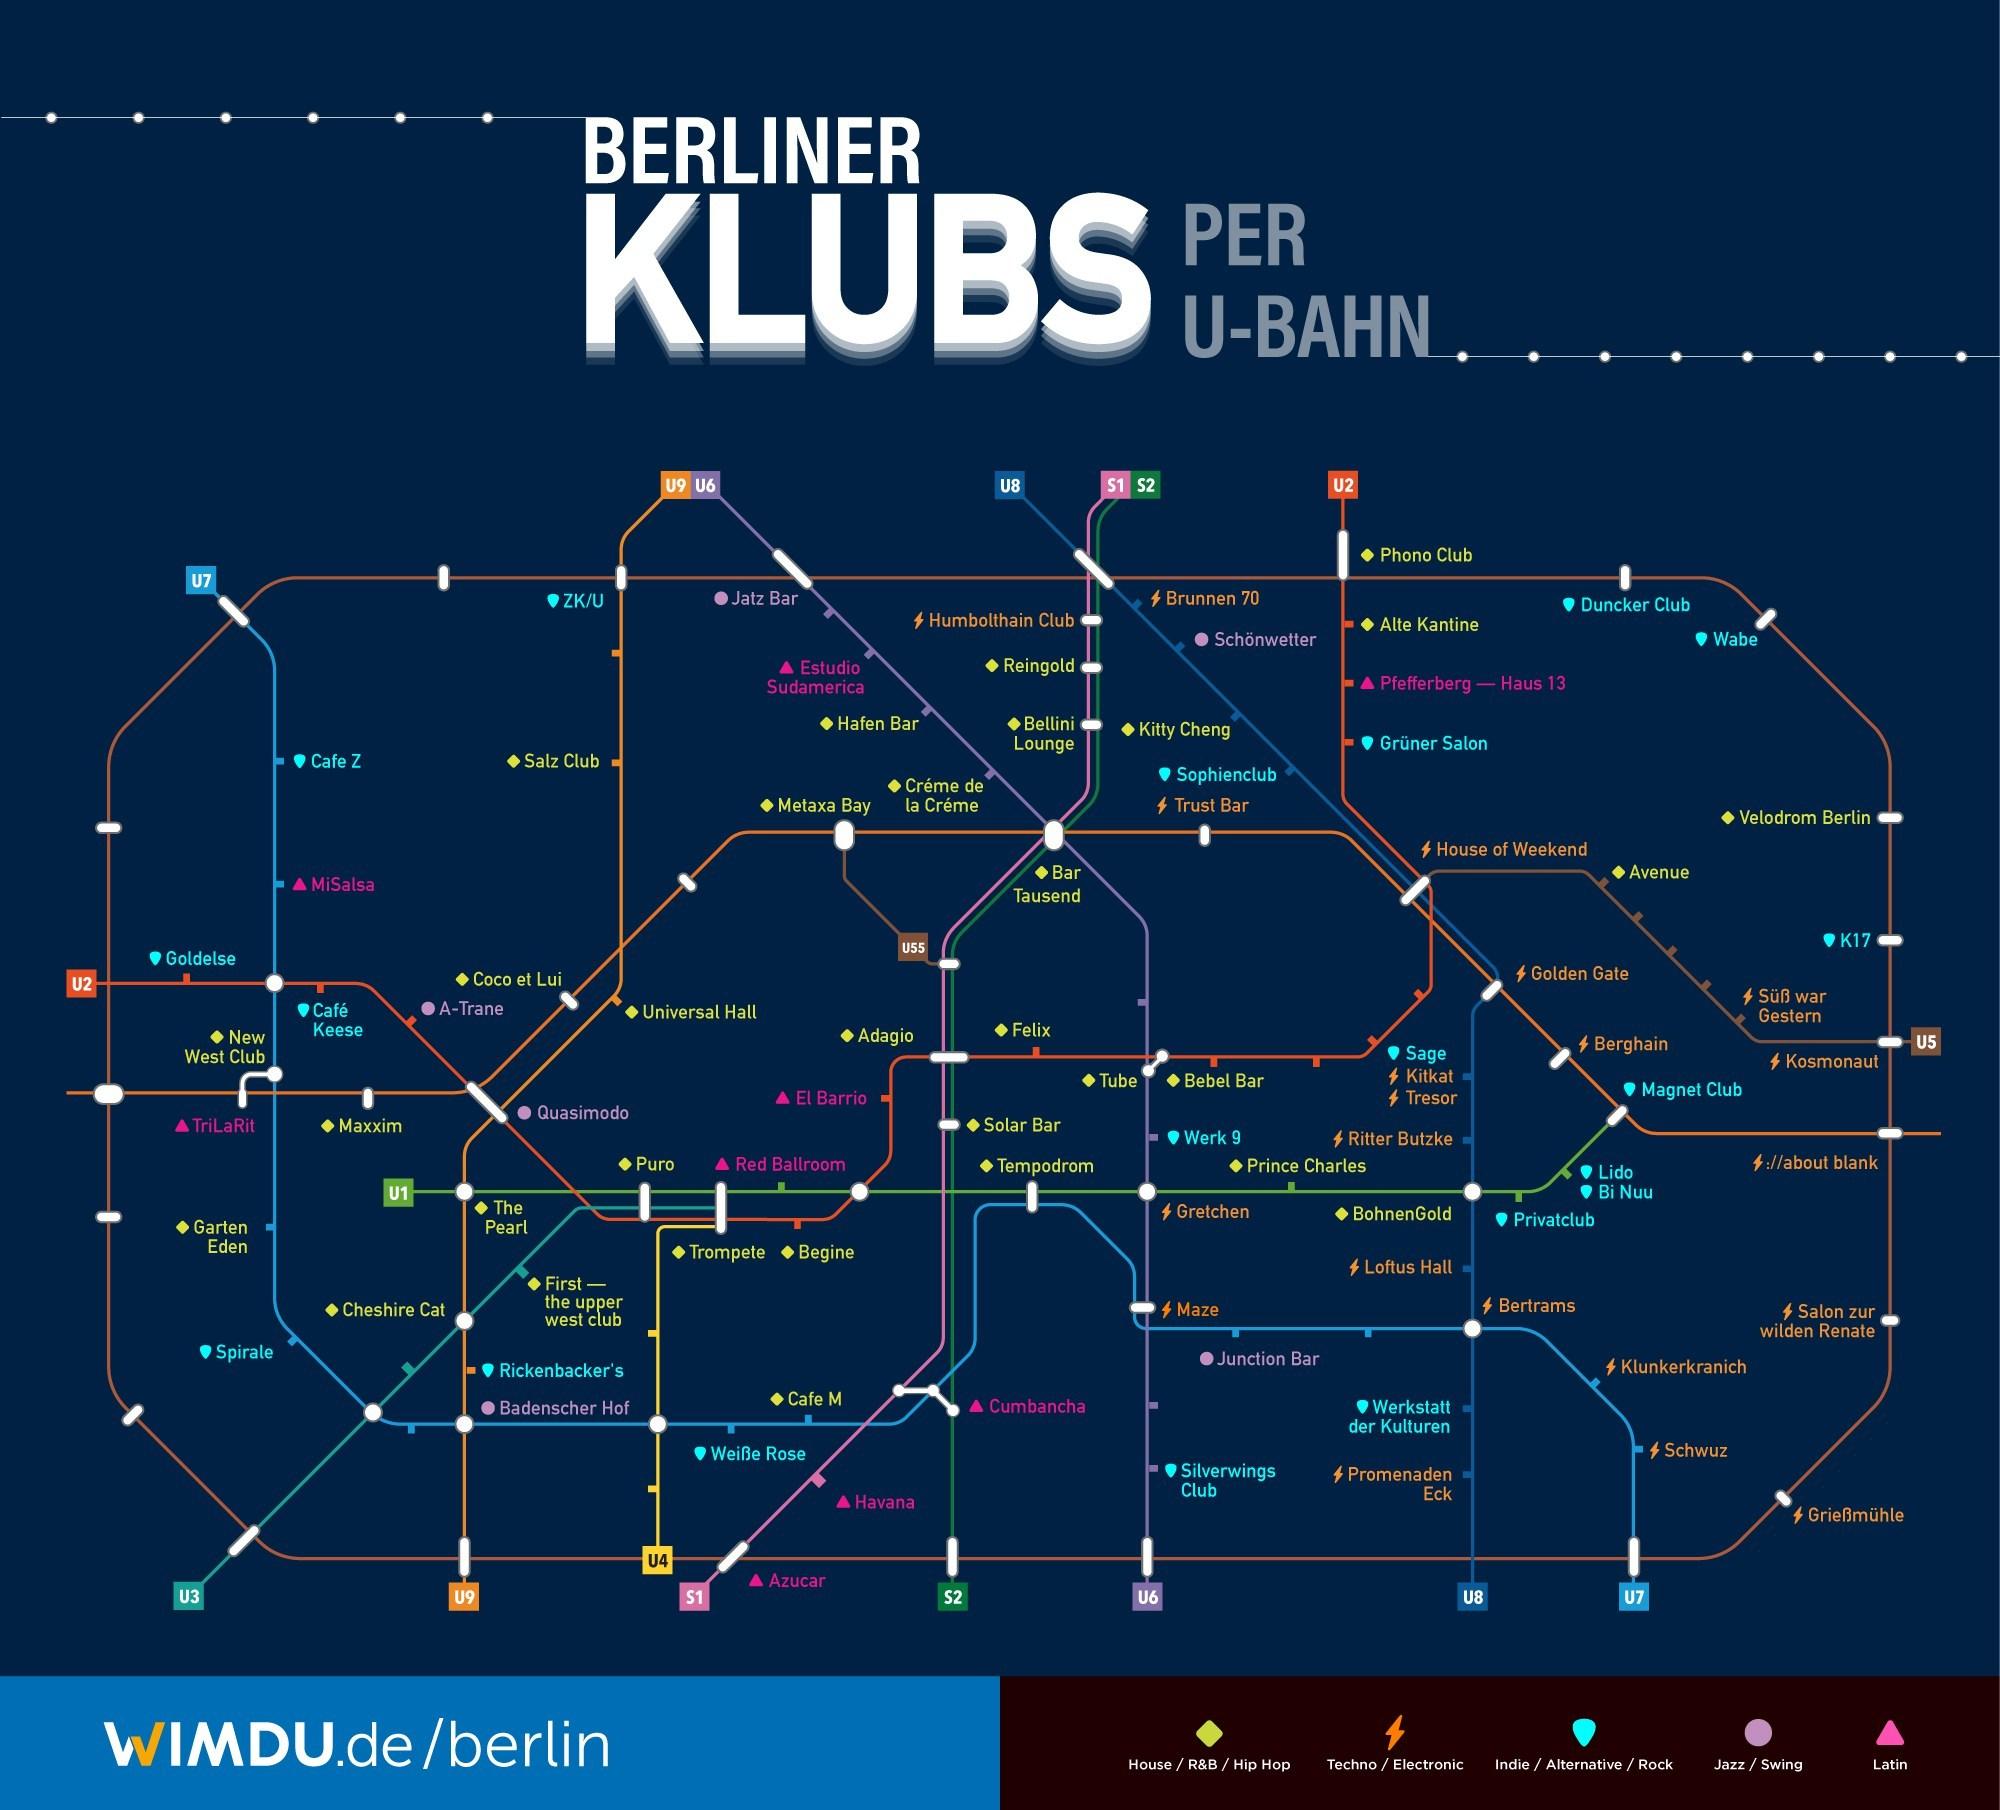 Mapa de Clubs en Berlín nochevieja silvester tipo de musica UBahn